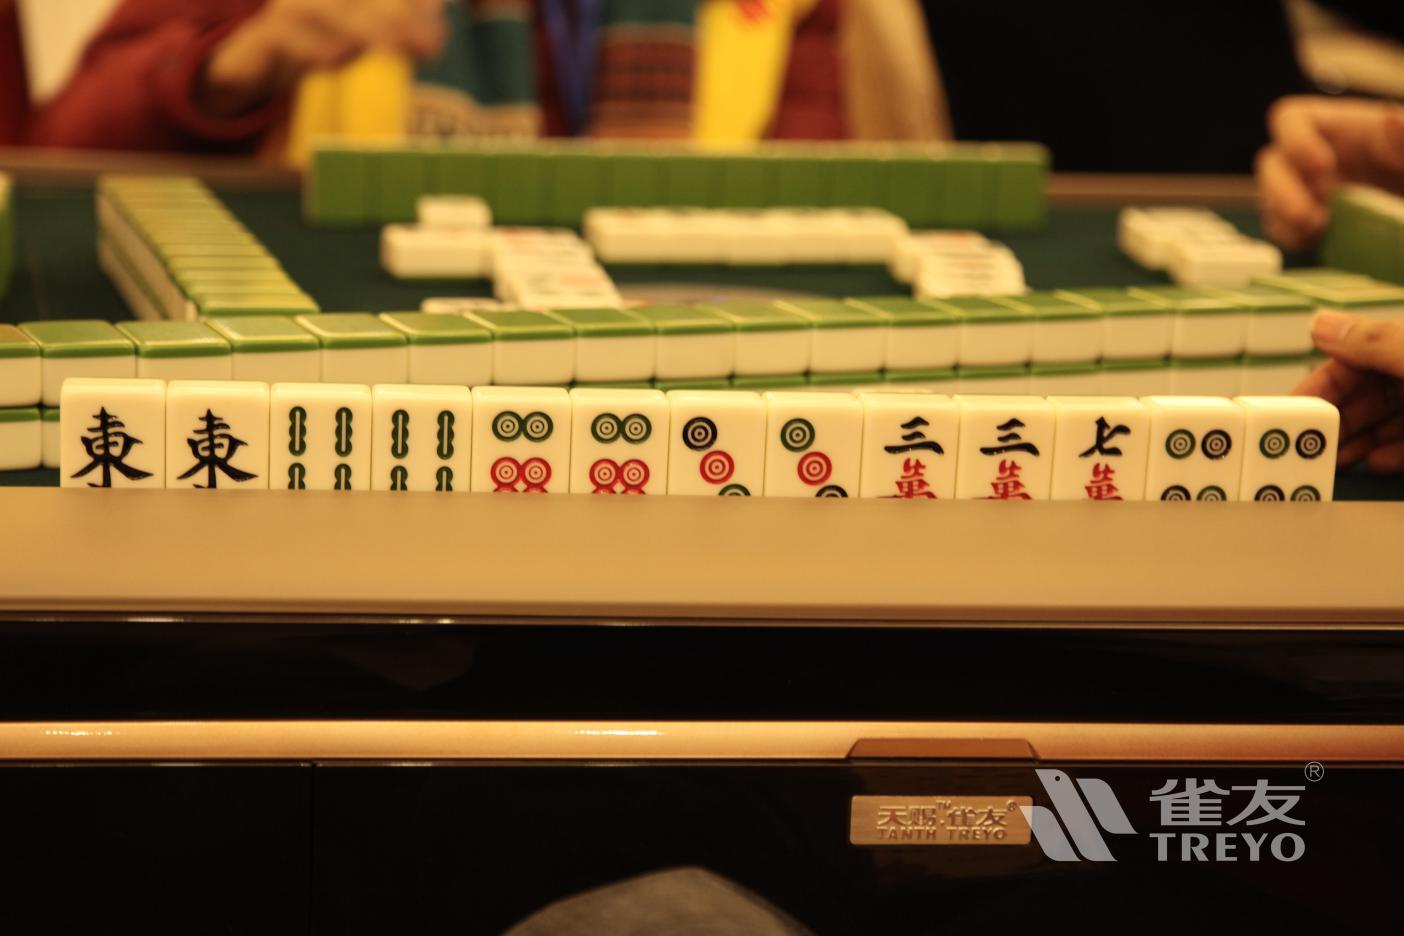 第17届雀友杯内蒙竞技攻略赛宜昌收官--中国麻将群梅庄武林传侠图片